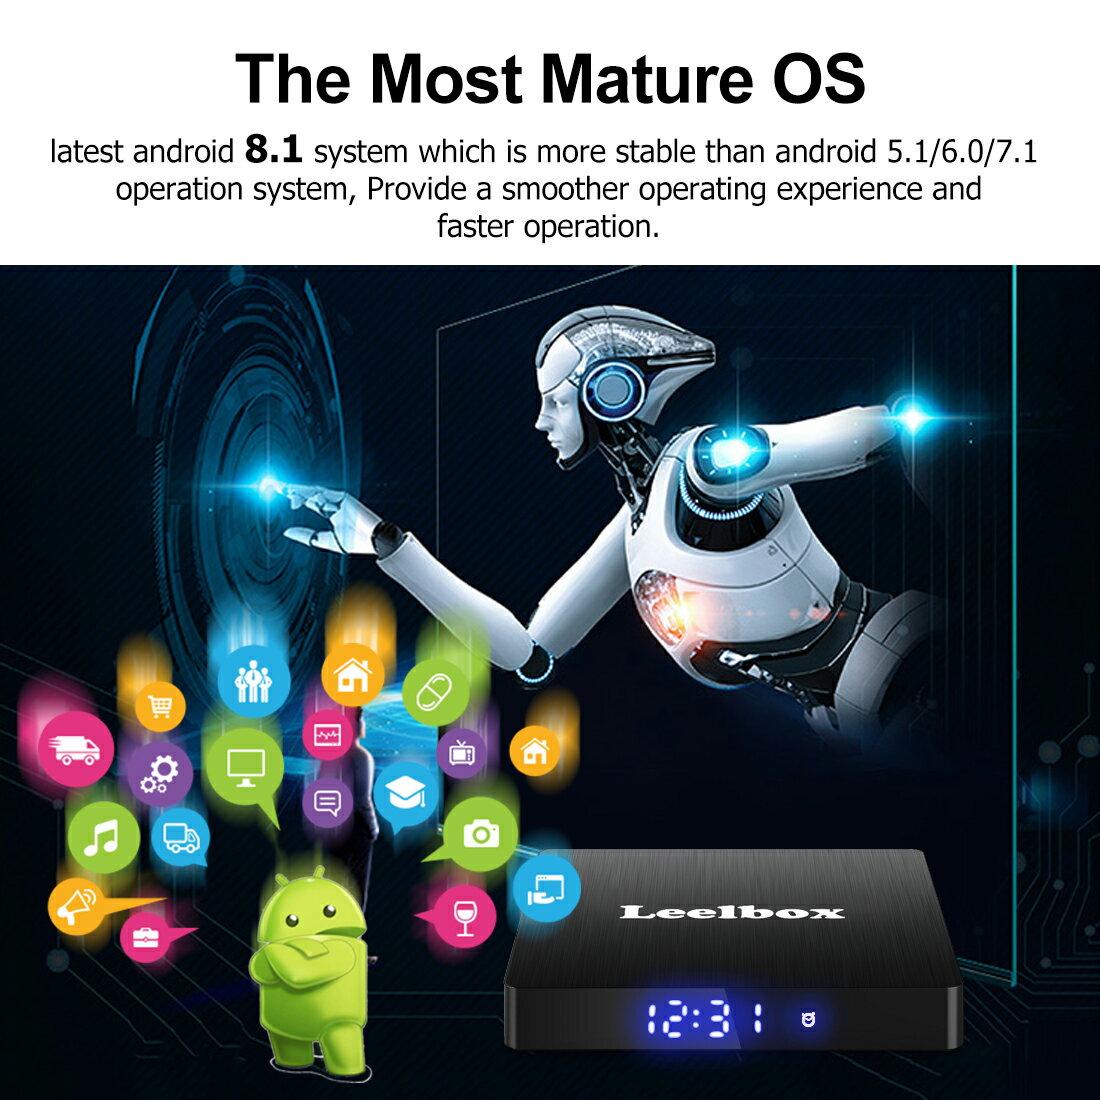 Leelbox Q4 MAX Android TV Box 8 1 4GB RAM+64GB ROM Quad-Core 2 4GHz Support  BT 4 1/WiFi/3D/4K/H 265 Media Box